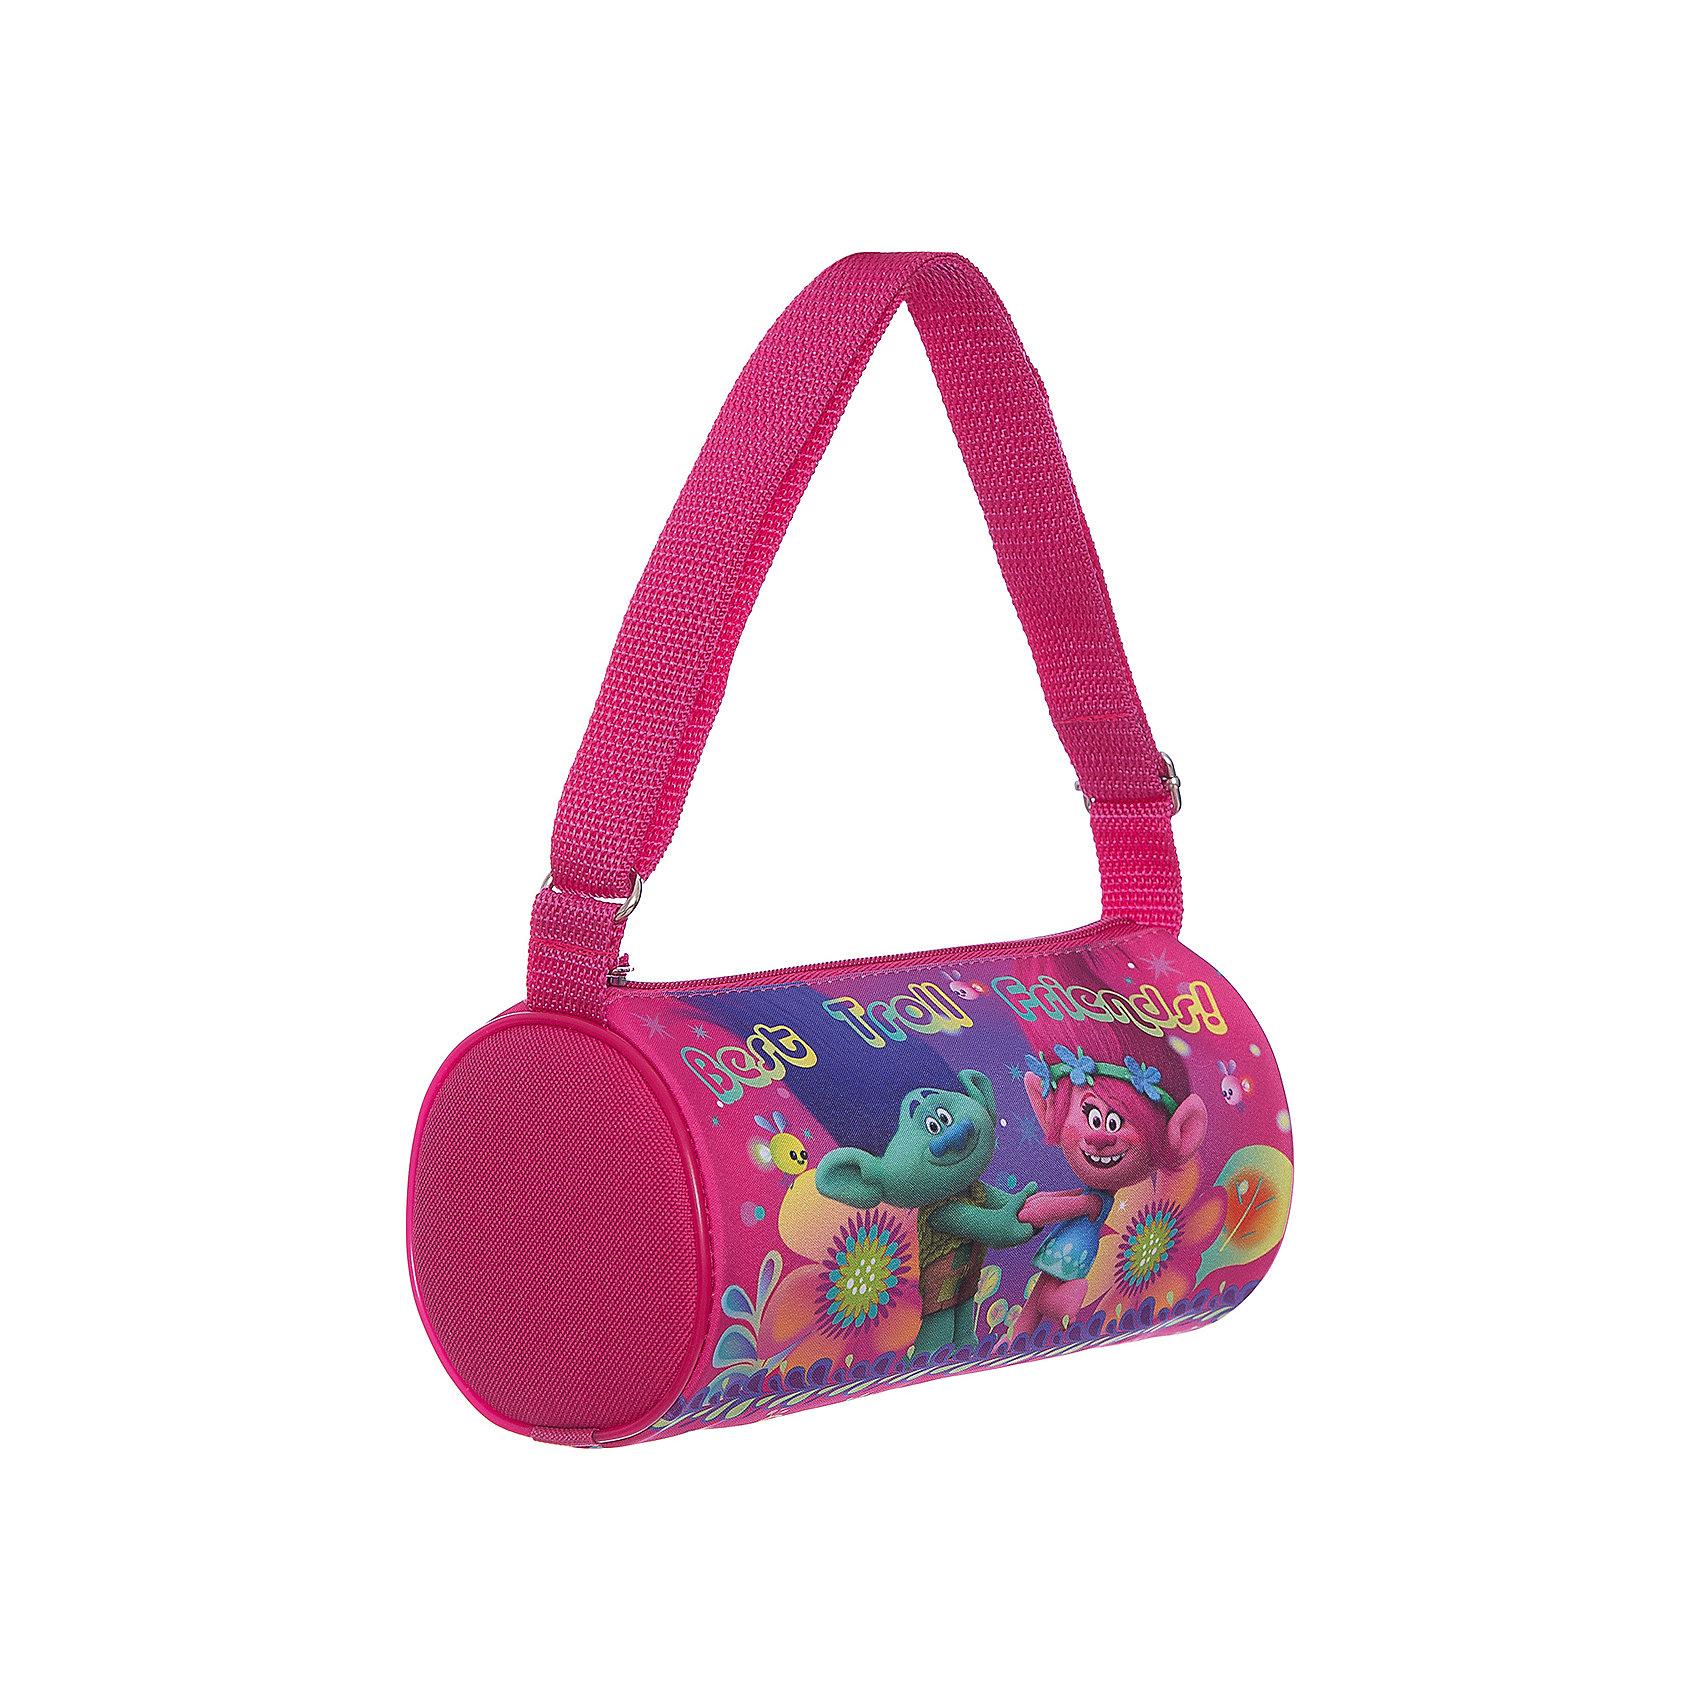 Сумка для девочки ТроллиДетские сумки<br>Сумка для девочки Тролли<br><br>Характеристики:<br><br>• Особенности: одно отделение, держит форму<br>• Застёжка: молния<br>• Состав: полиэстер, пластик<br>• Размер: 22 * 12 * 12 см.<br>• Вес: 90 гр.<br>• Для детей в возрасте: от 5 до 10 лет<br>• Страна производитель: Китай<br><br>Благодаря прочному пластиковому каркасу сумочка держит свою круглую форму и позволяет легко найти в ней всё необходимое. Функциональная сумочка с одним общим отделением на молнии подойдёт как для школьных принадлежностей, так и для повседневных мелочей. Удобная прочная ручка регулируется по длине и позволяет носить сумочку как будет удобнее её хозяйке. <br> <br>Сумку для девочки Тролли можно купить в нашем интернет-магазине.<br><br>Ширина мм: 120<br>Глубина мм: 220<br>Высота мм: 120<br>Вес г: 90<br>Возраст от месяцев: 36<br>Возраст до месяцев: 2147483647<br>Пол: Женский<br>Возраст: Детский<br>SKU: 5478259